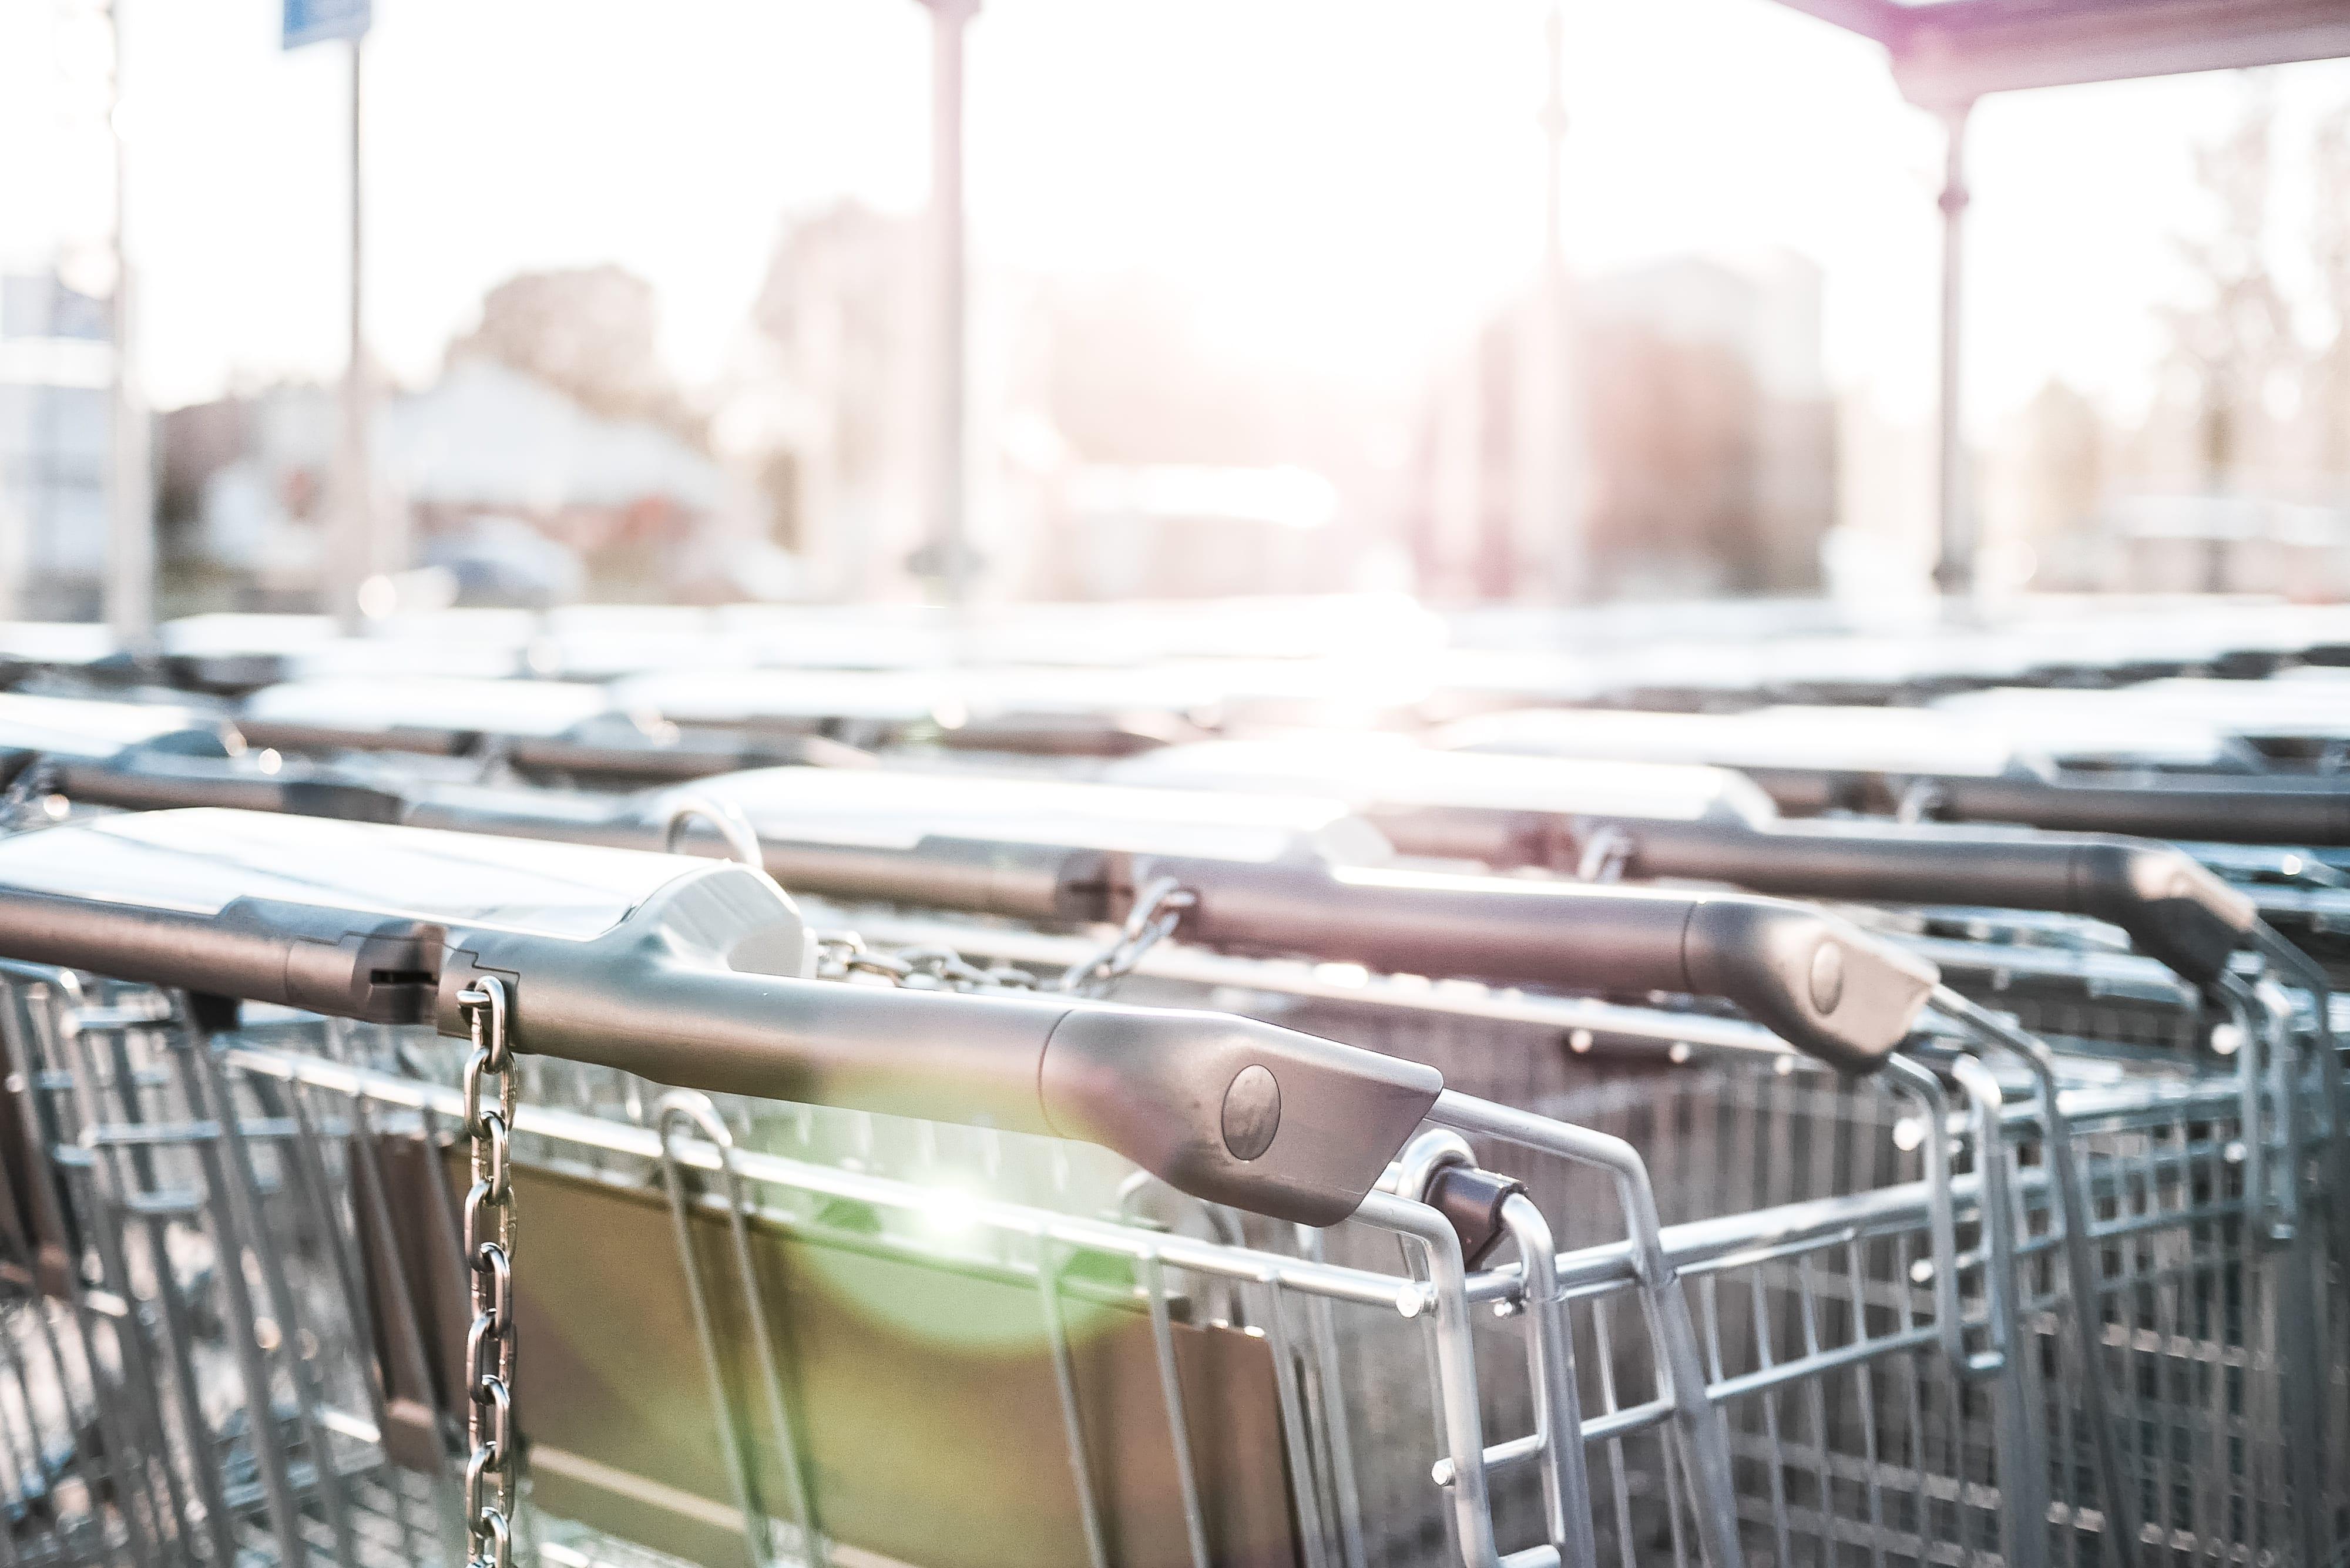 Prečo nakupujeme to, čo nepotrebujeme?